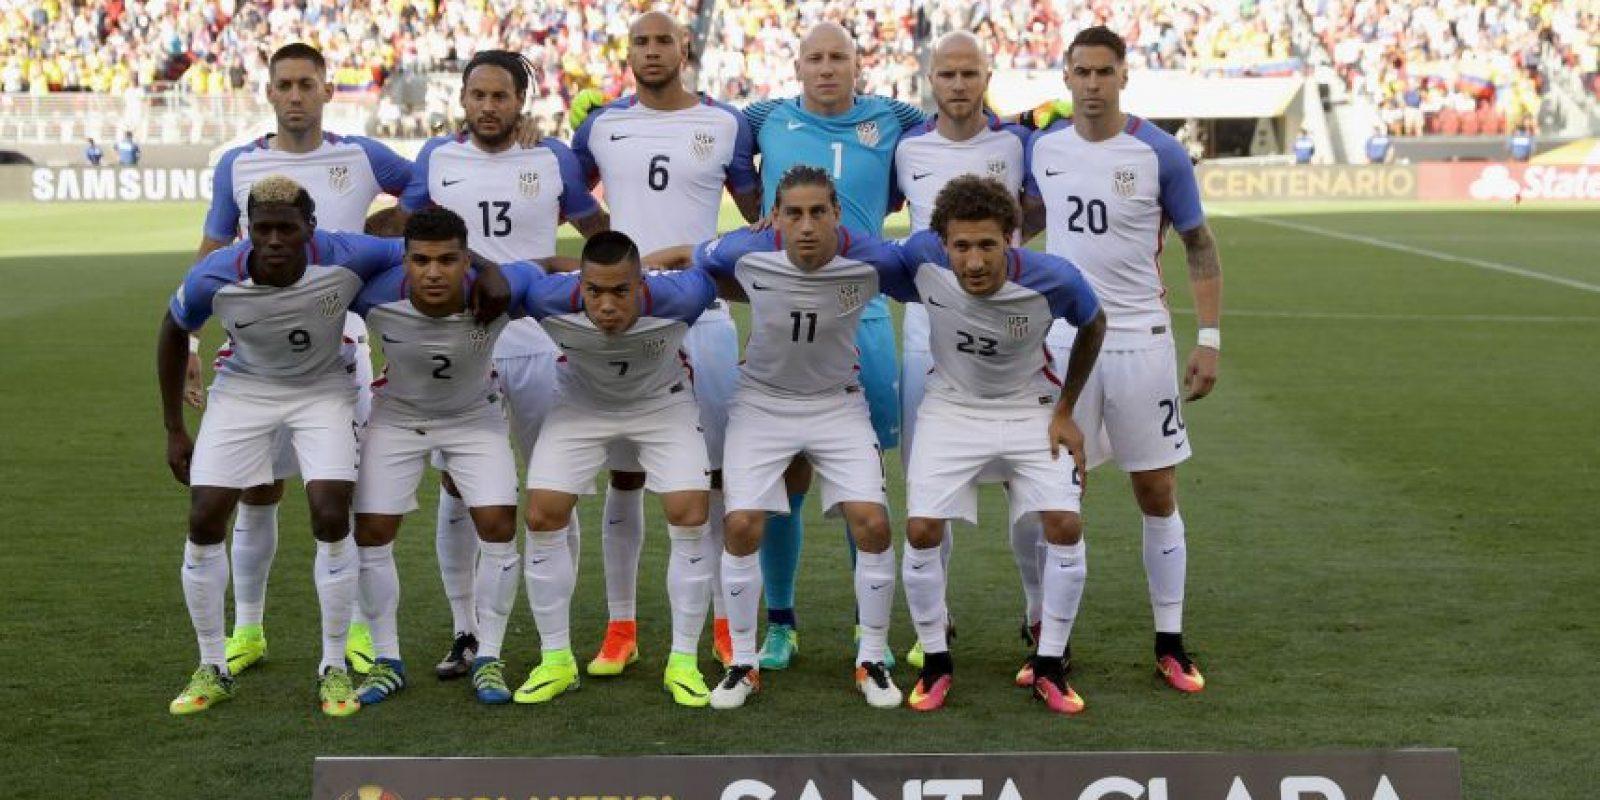 Estados Unidos vs. Costa Rica, en la segunda fecha de la Copa América Centenario Foto:Getty Images